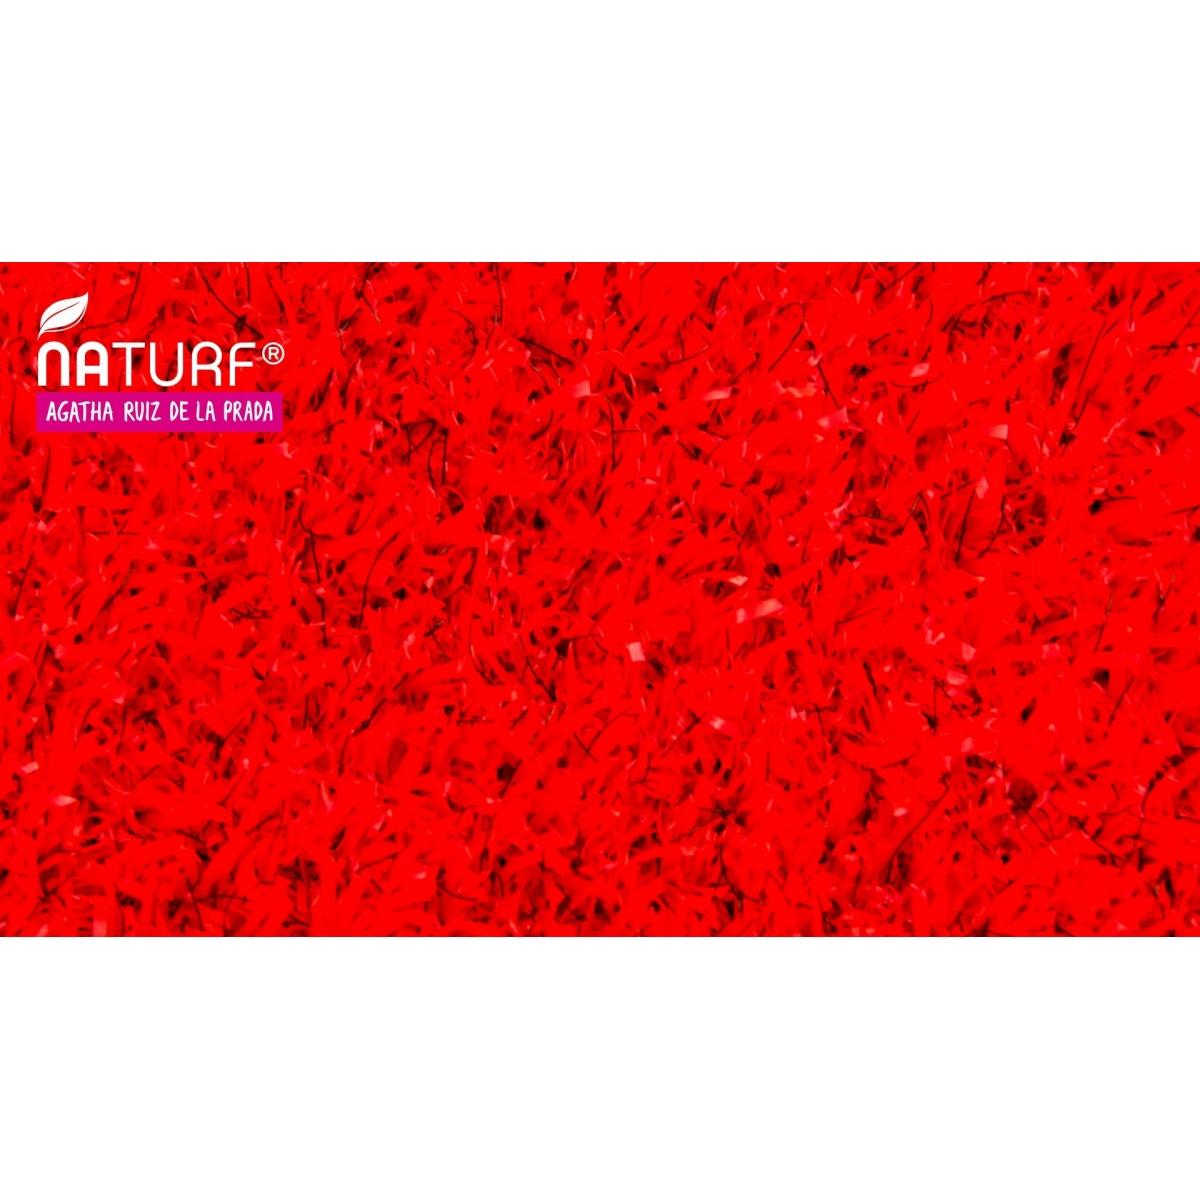 Césped Artificial Rojo Serie Agatha al mejor precio